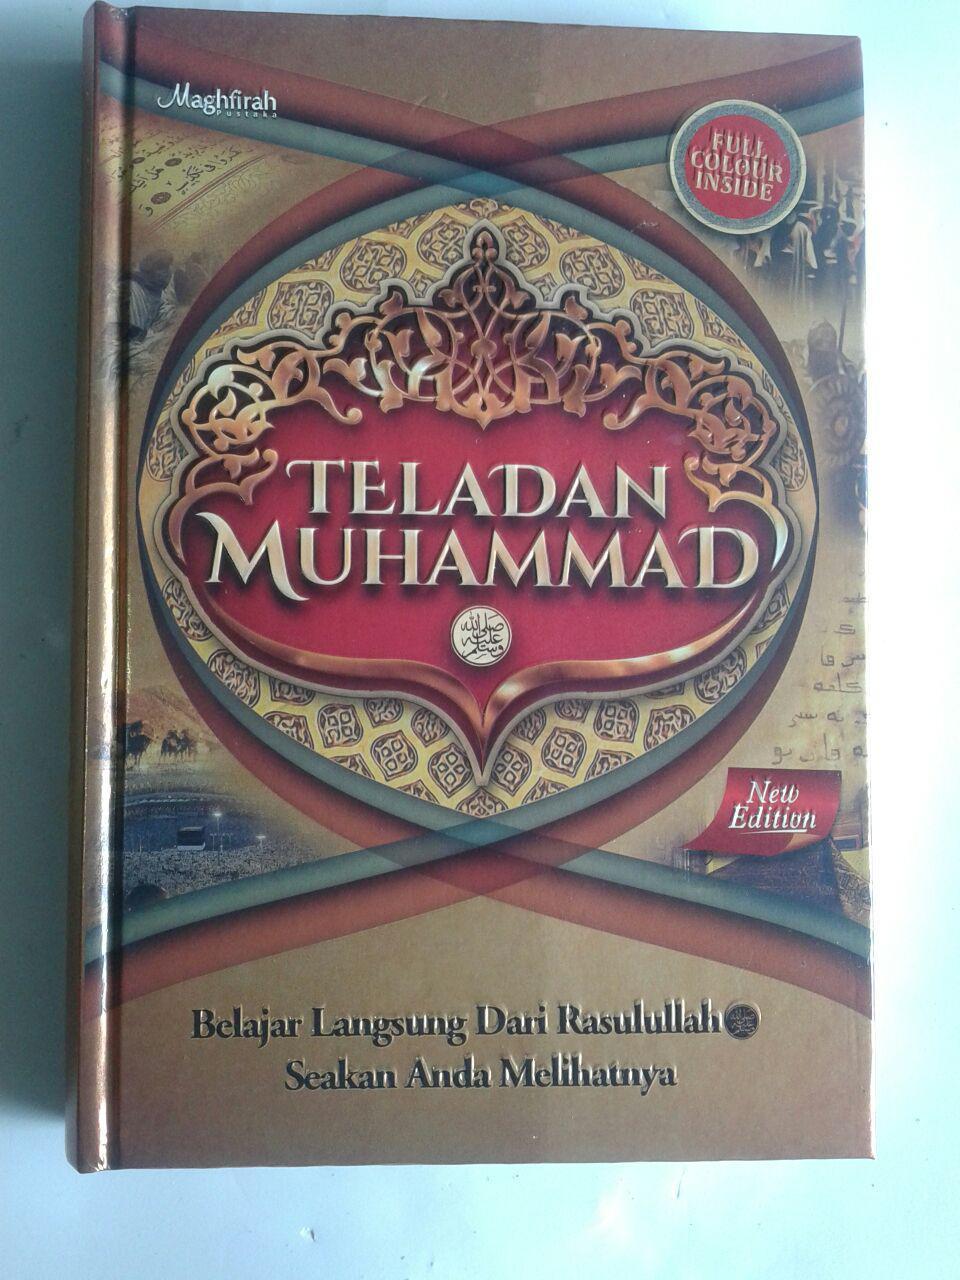 Buku Teladaan Muhammad Belajar Langsung Dari Rasulullah cover 2